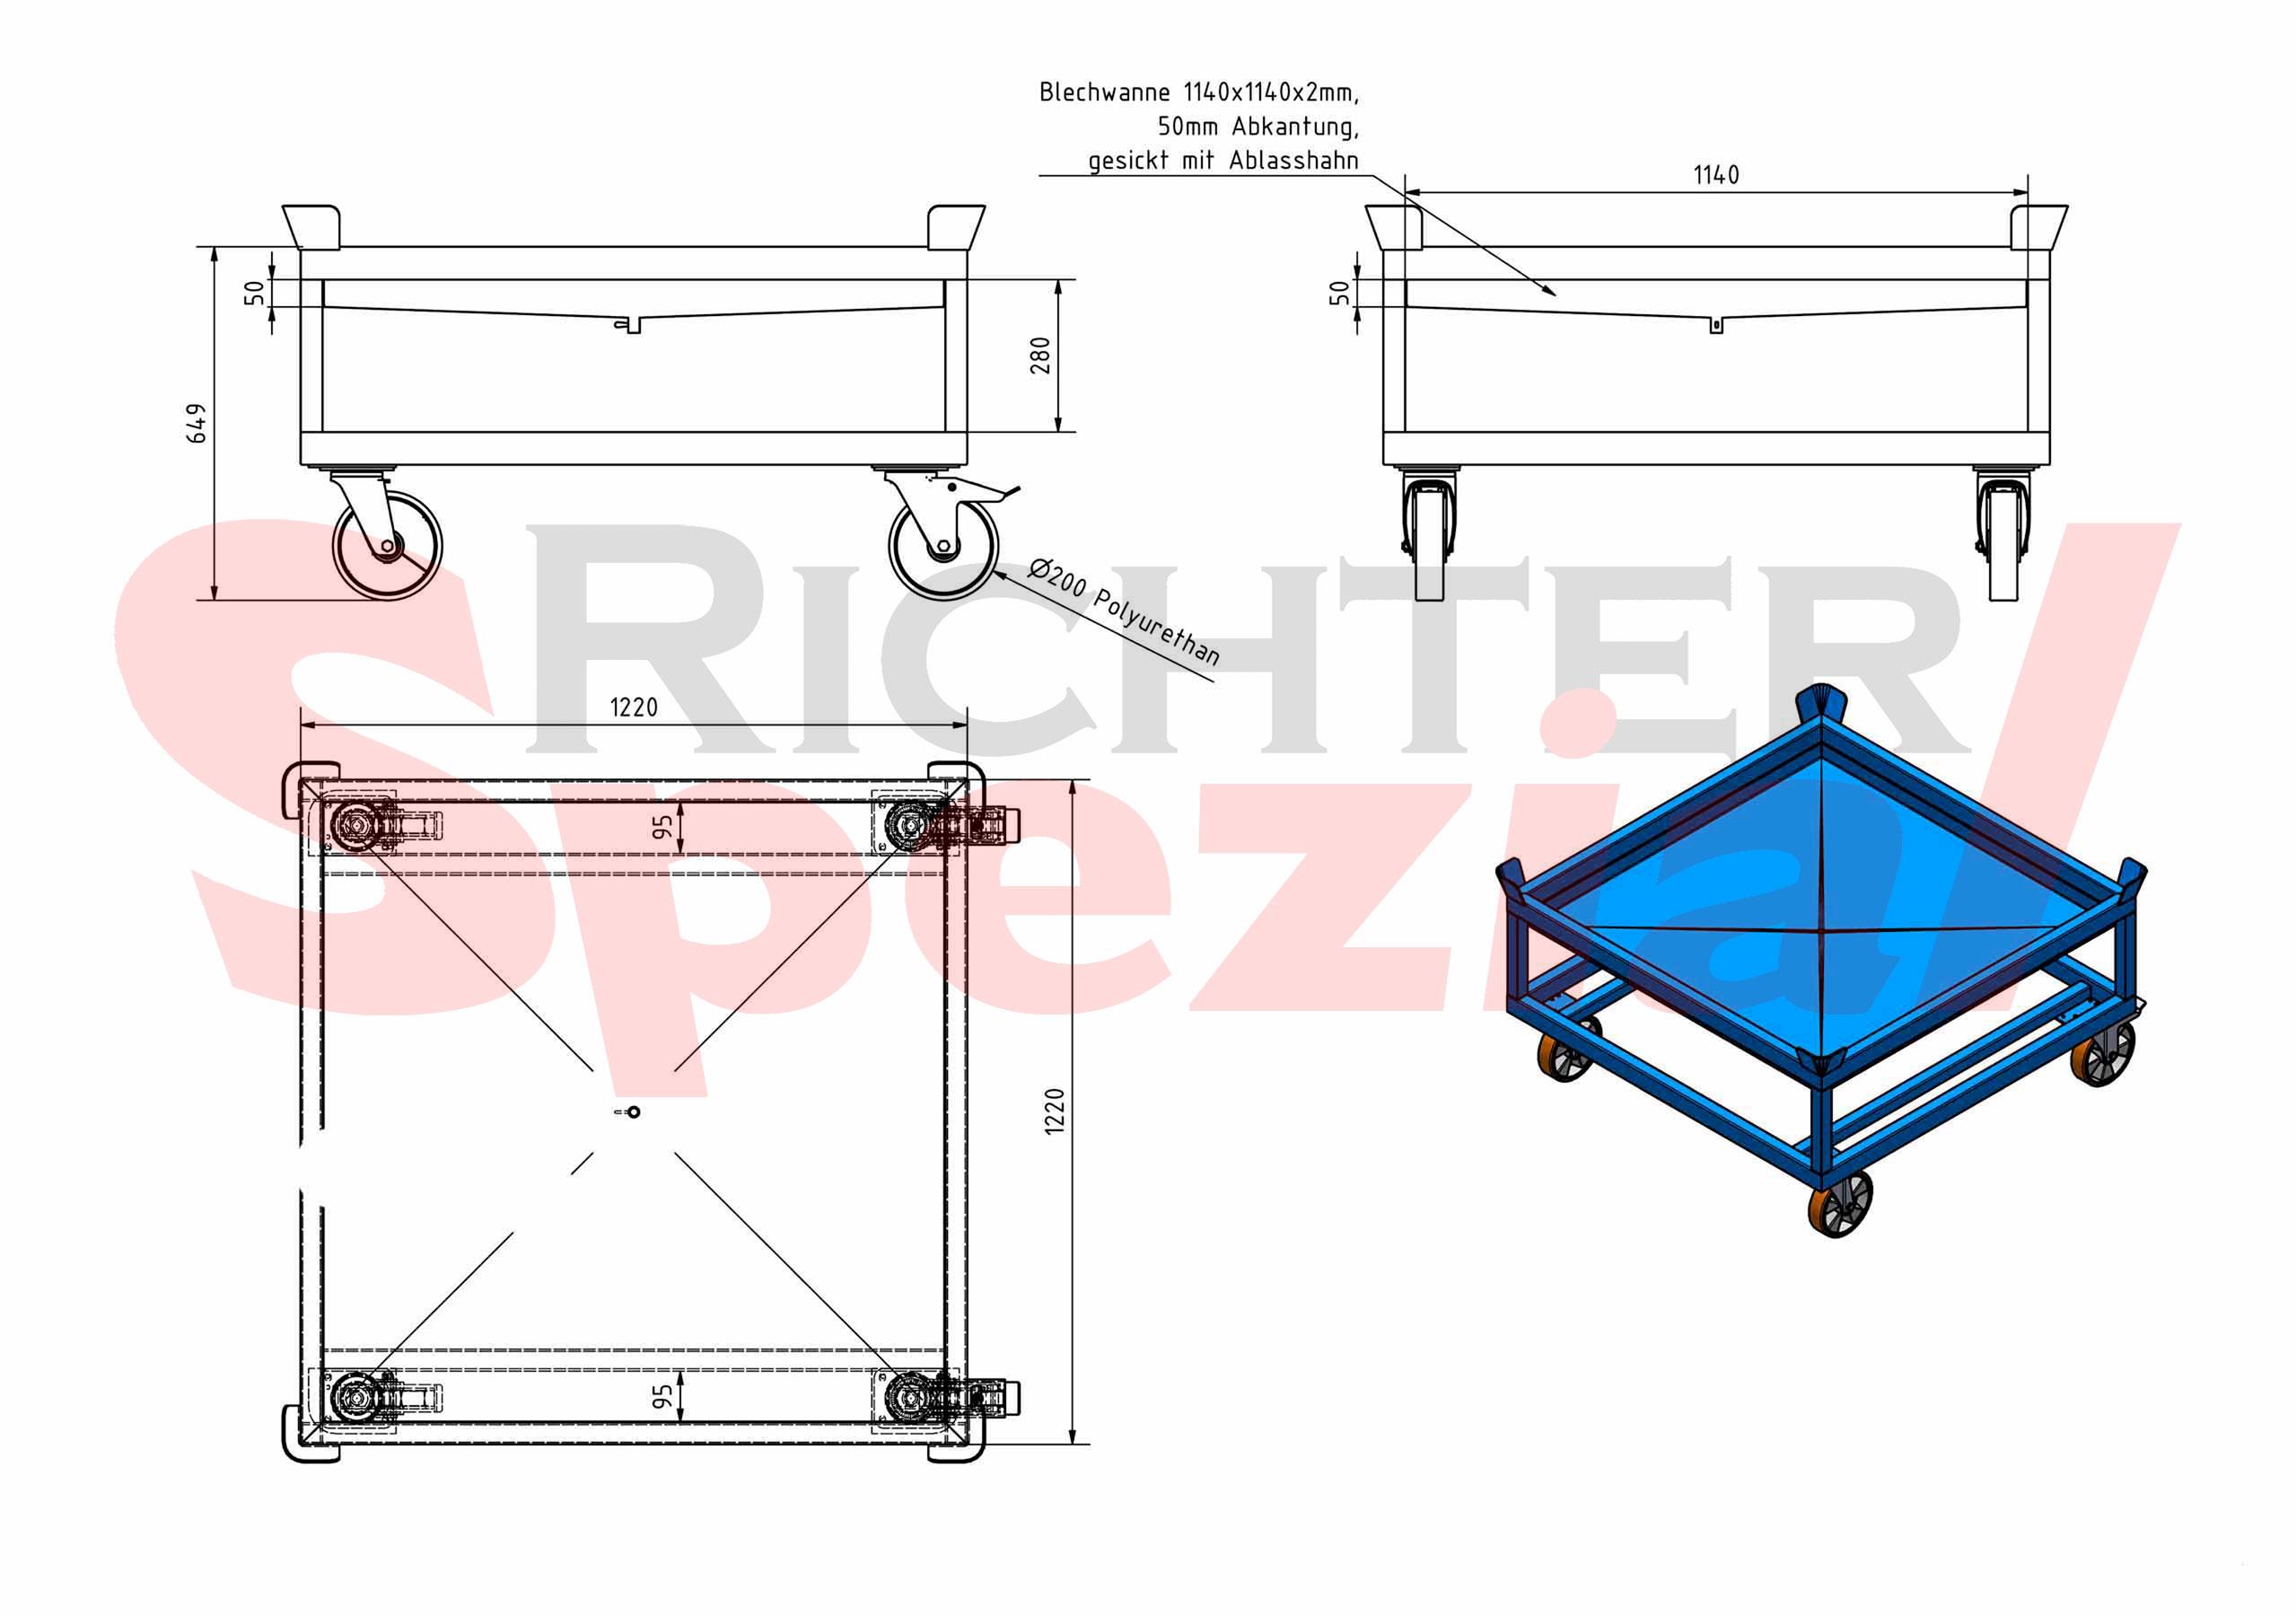 Fahrgestell mit 2,5 Tonnen Traglast mit Auffangwanne für Flüssigkeiten incl. Ablasshahn